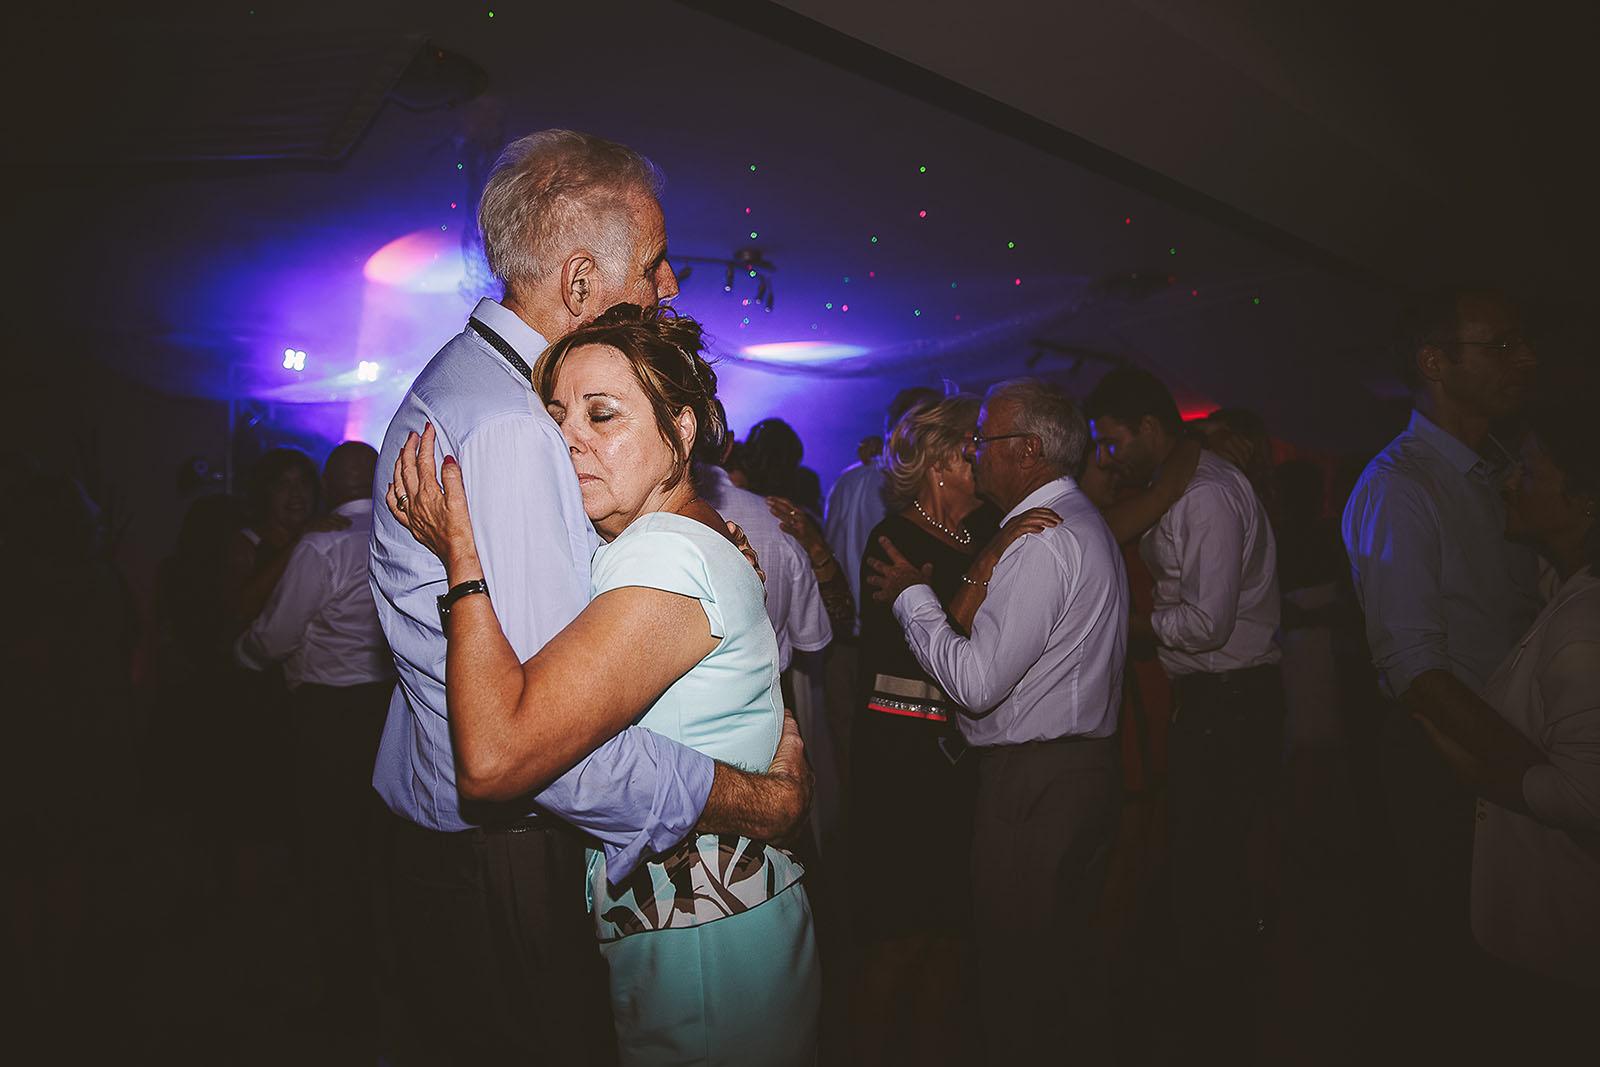 Mariage Villa Quélude David Pommier photographe de mariage. Les parents dansent avec beaucoup d'émotion.